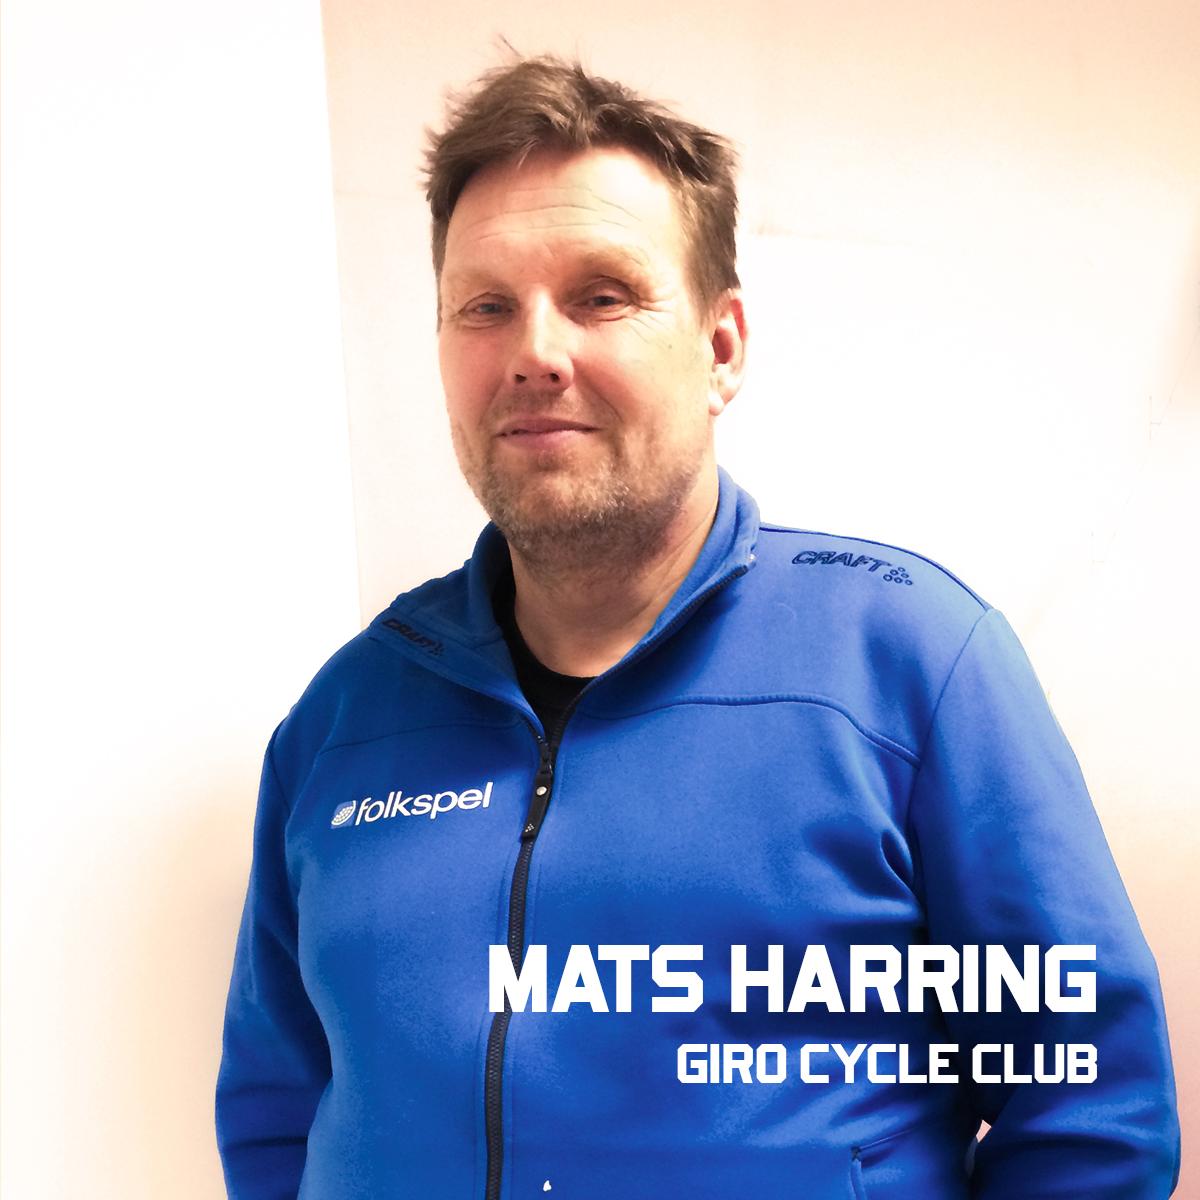 Mats_Harring1200x1200